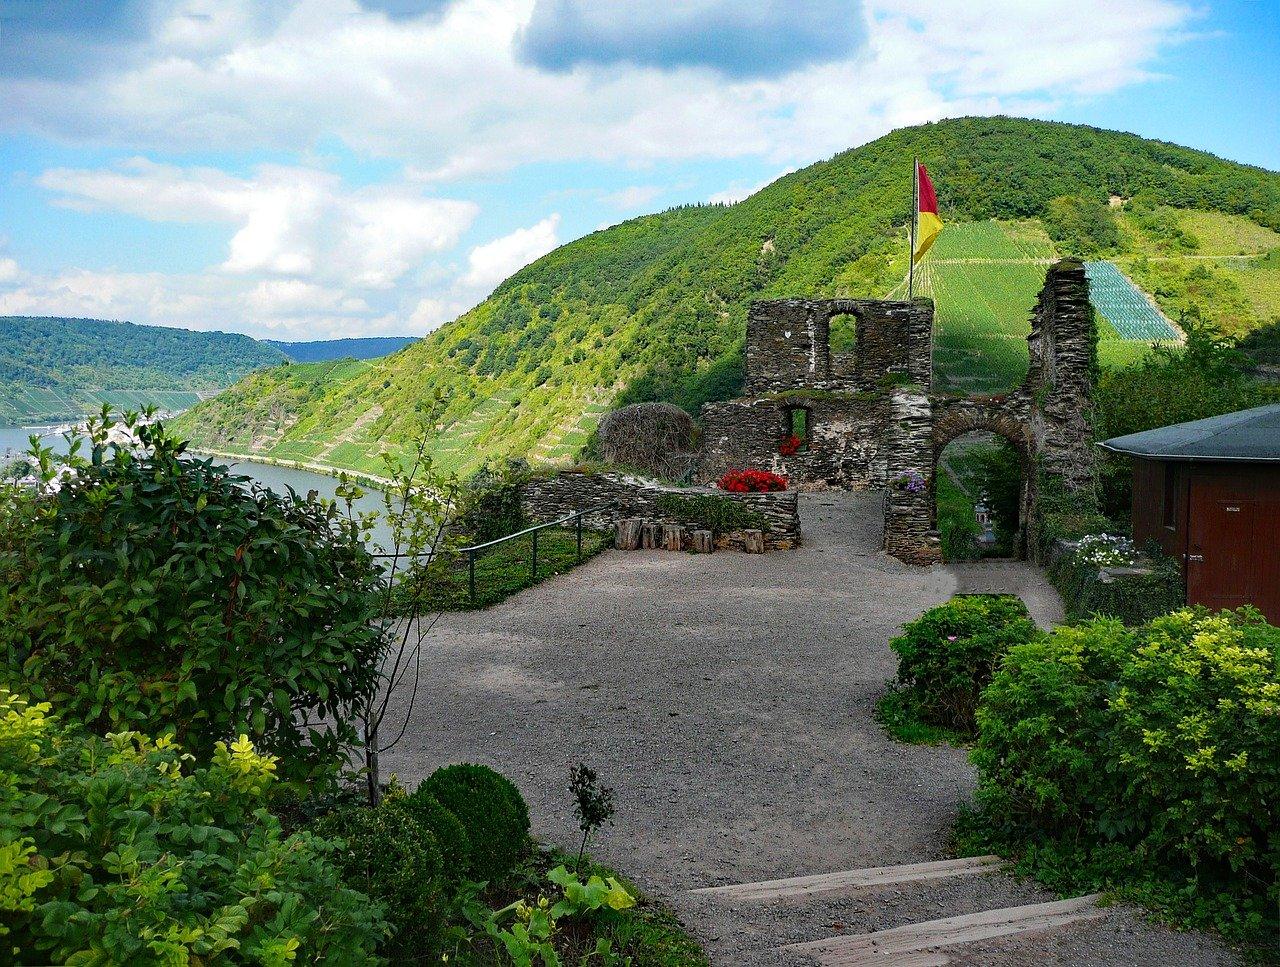 Burg Metternich Beilstein Moezel